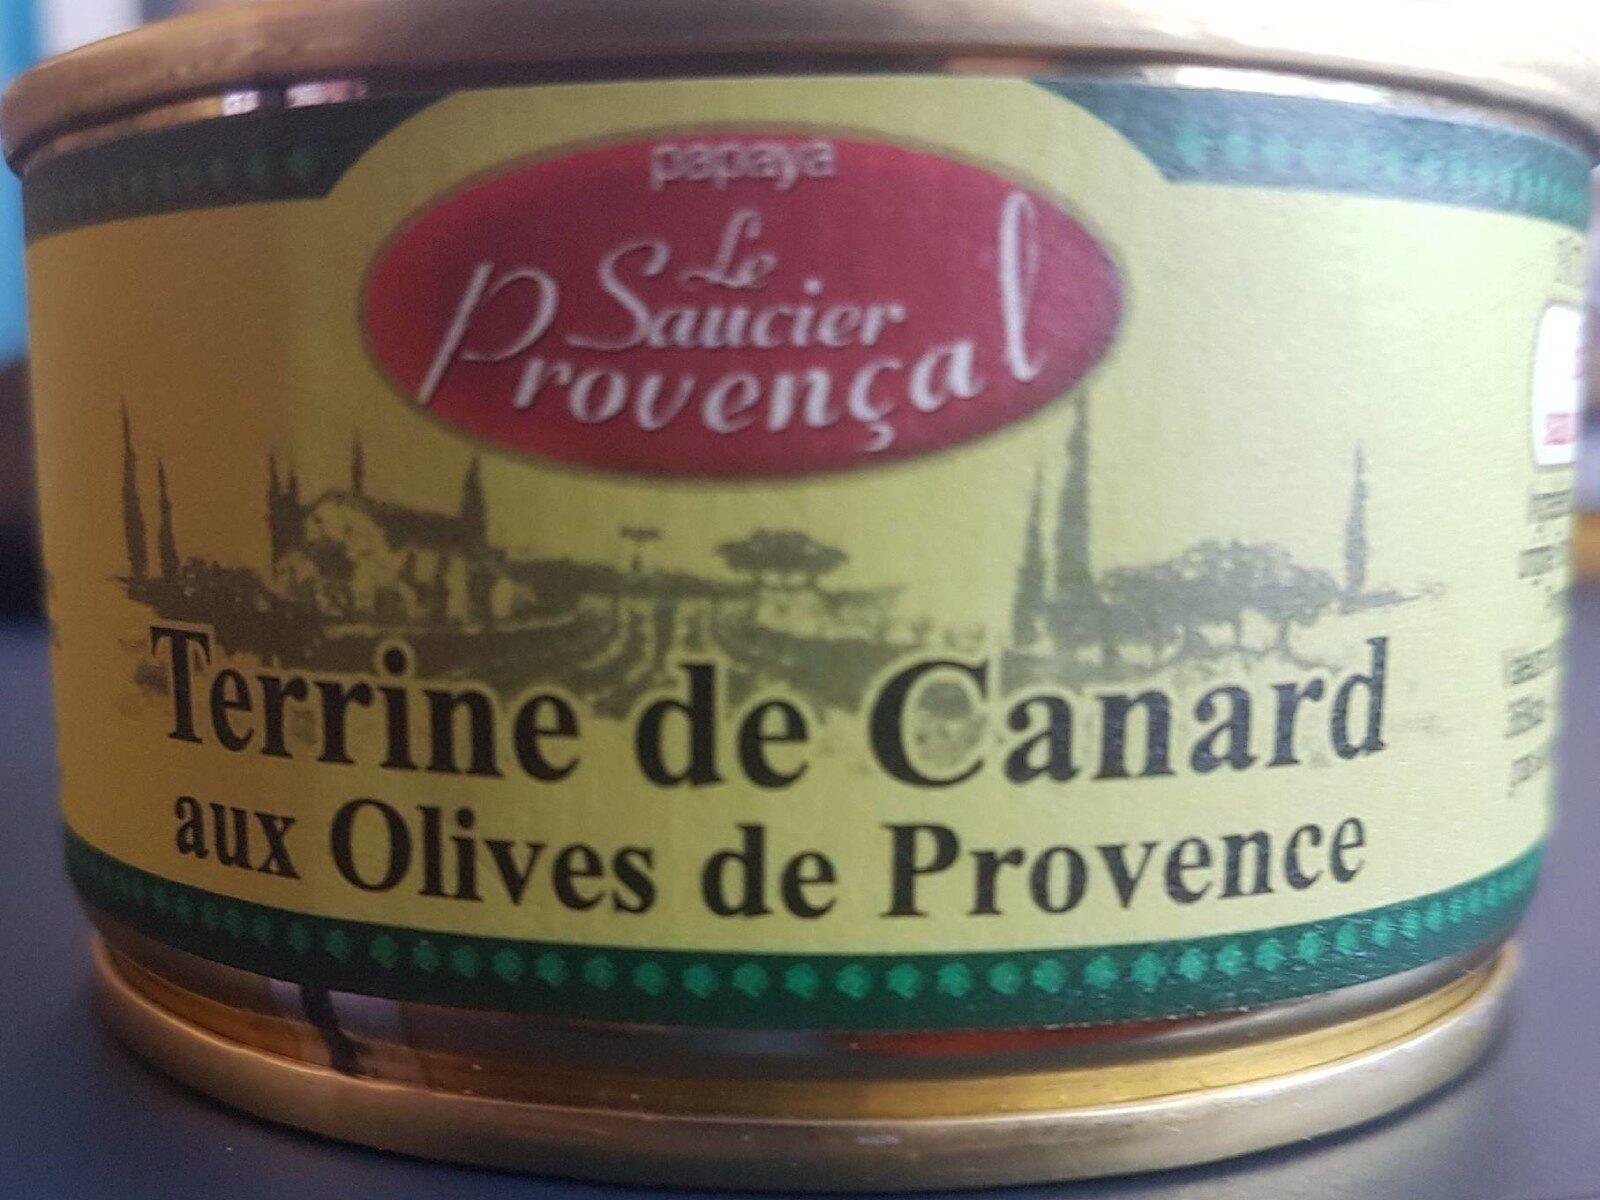 Terrine de canard aux olives de Provence - Produit - fr